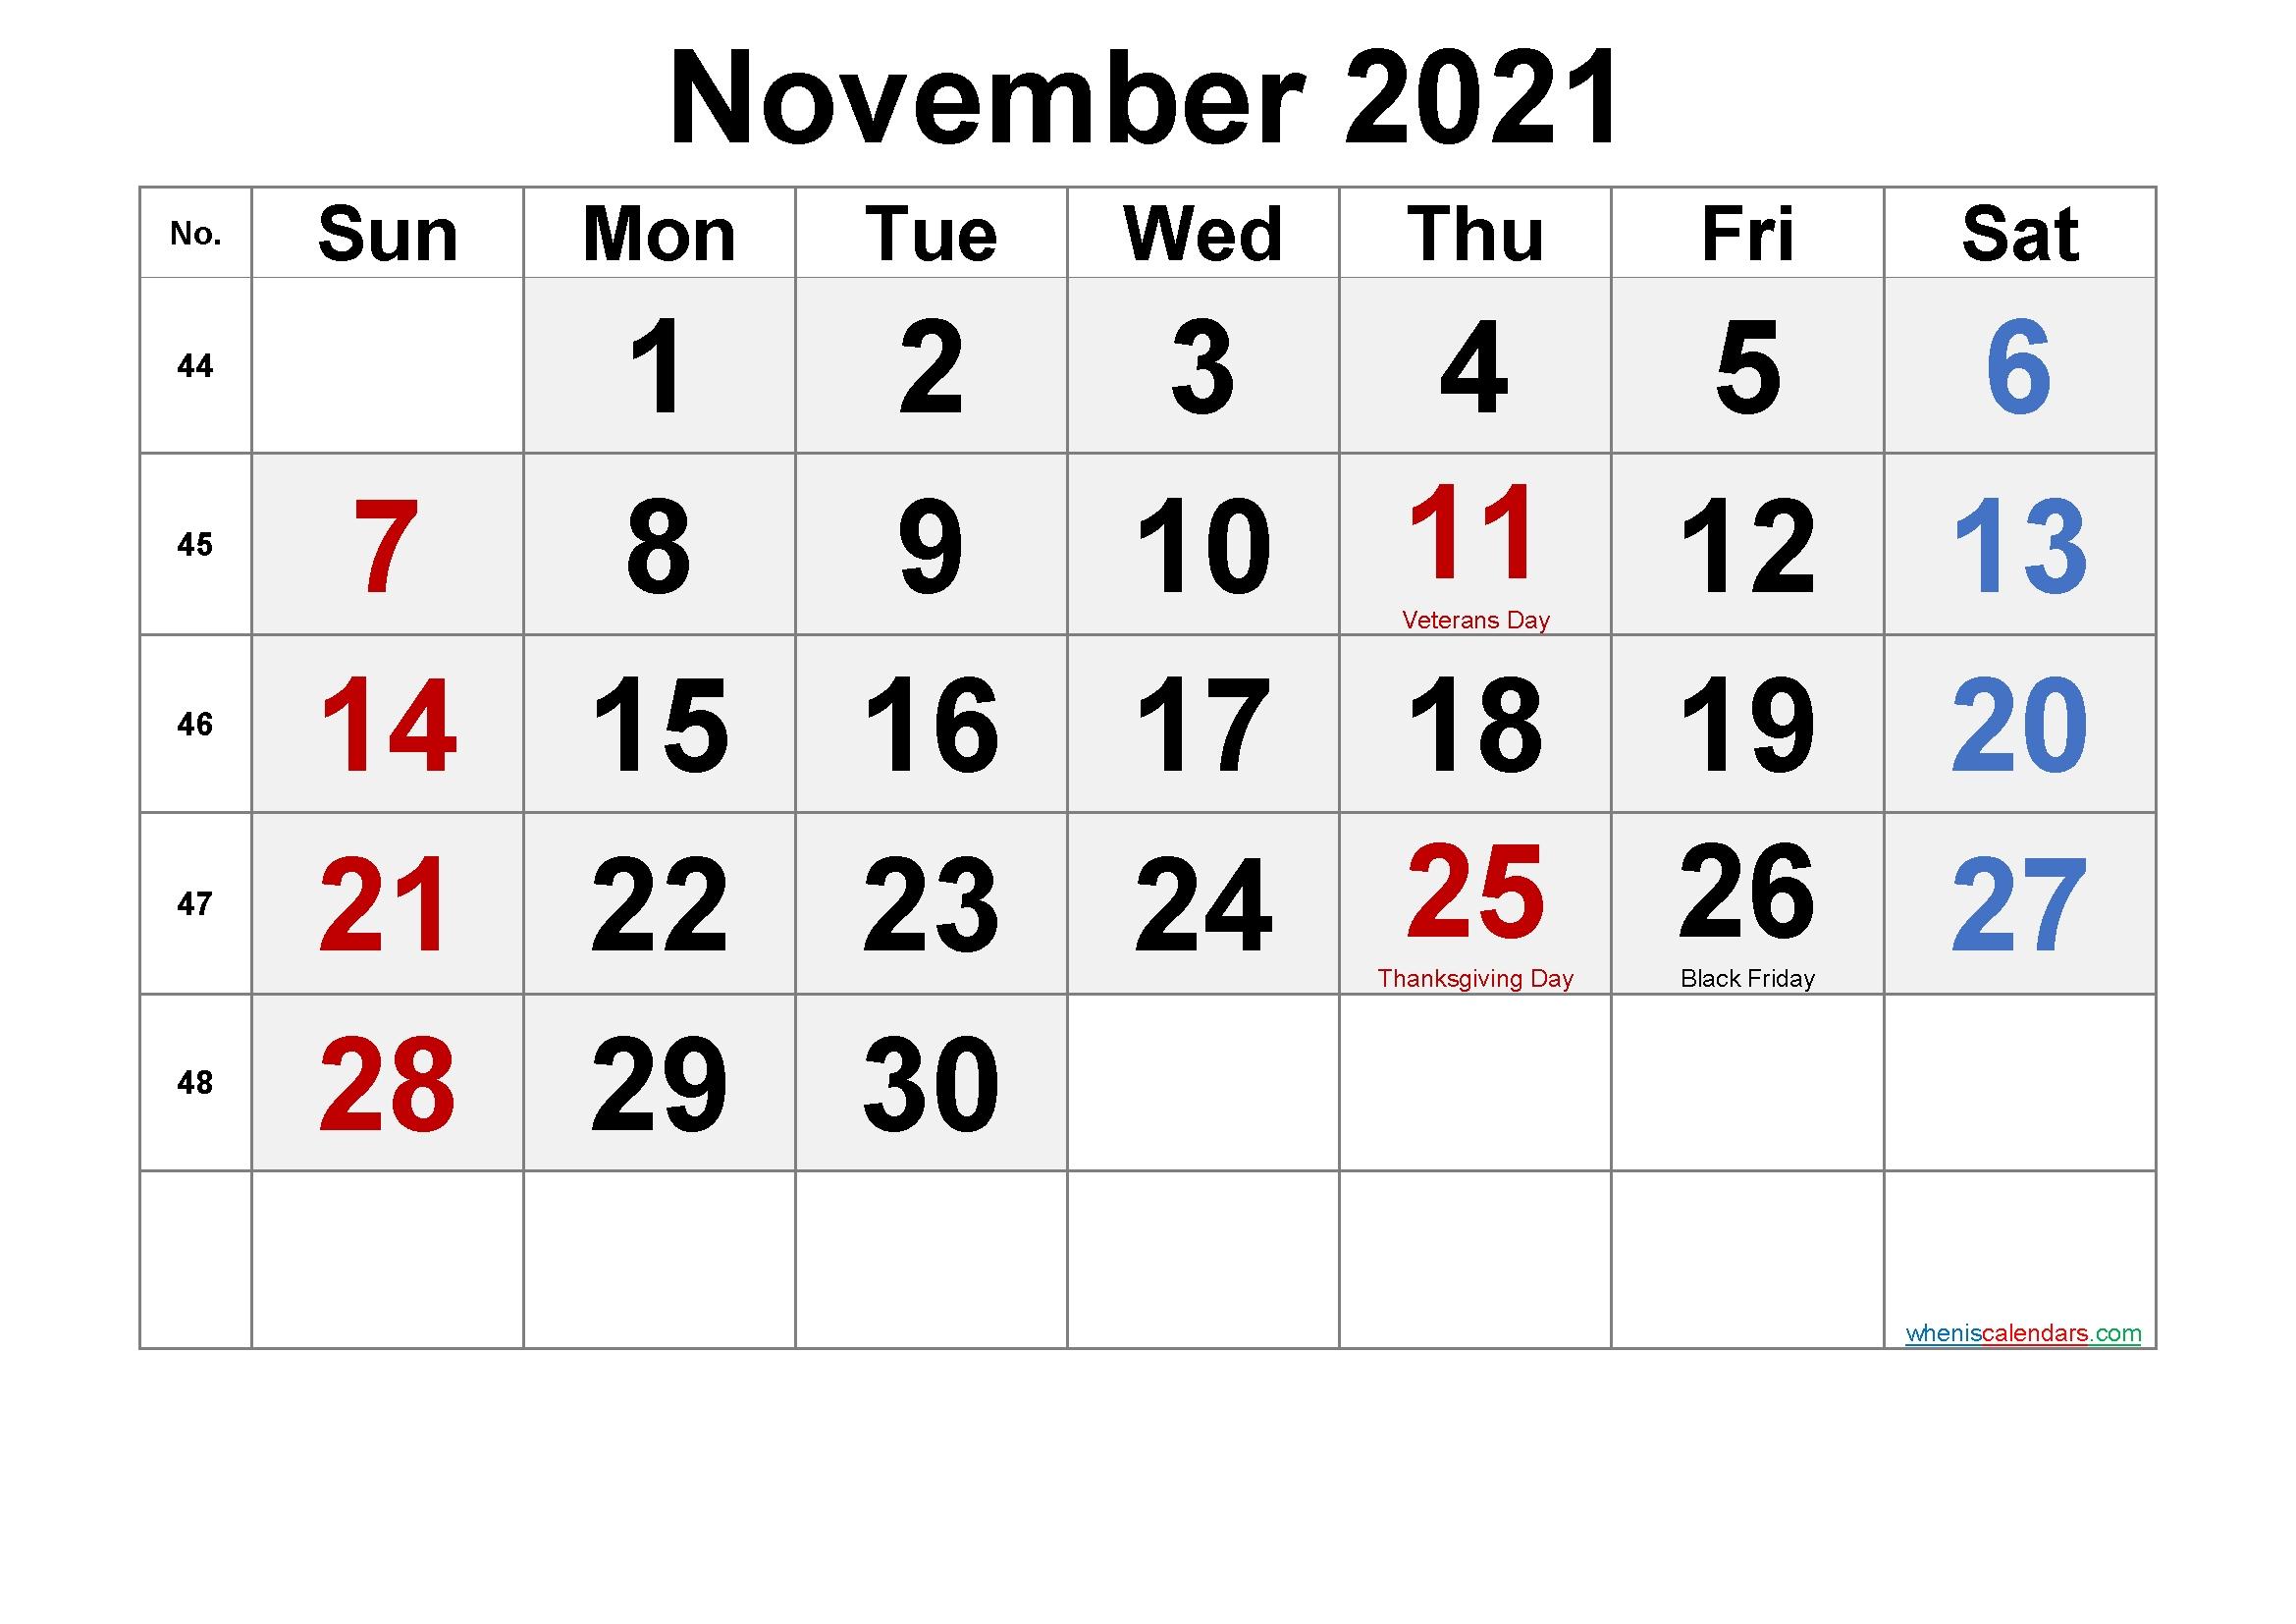 Printable June 2021 Calendar With Holidays - 6 Templates - Free Printable 2020 Monthly Calendar June 2021 Calendar With Holidays Usa